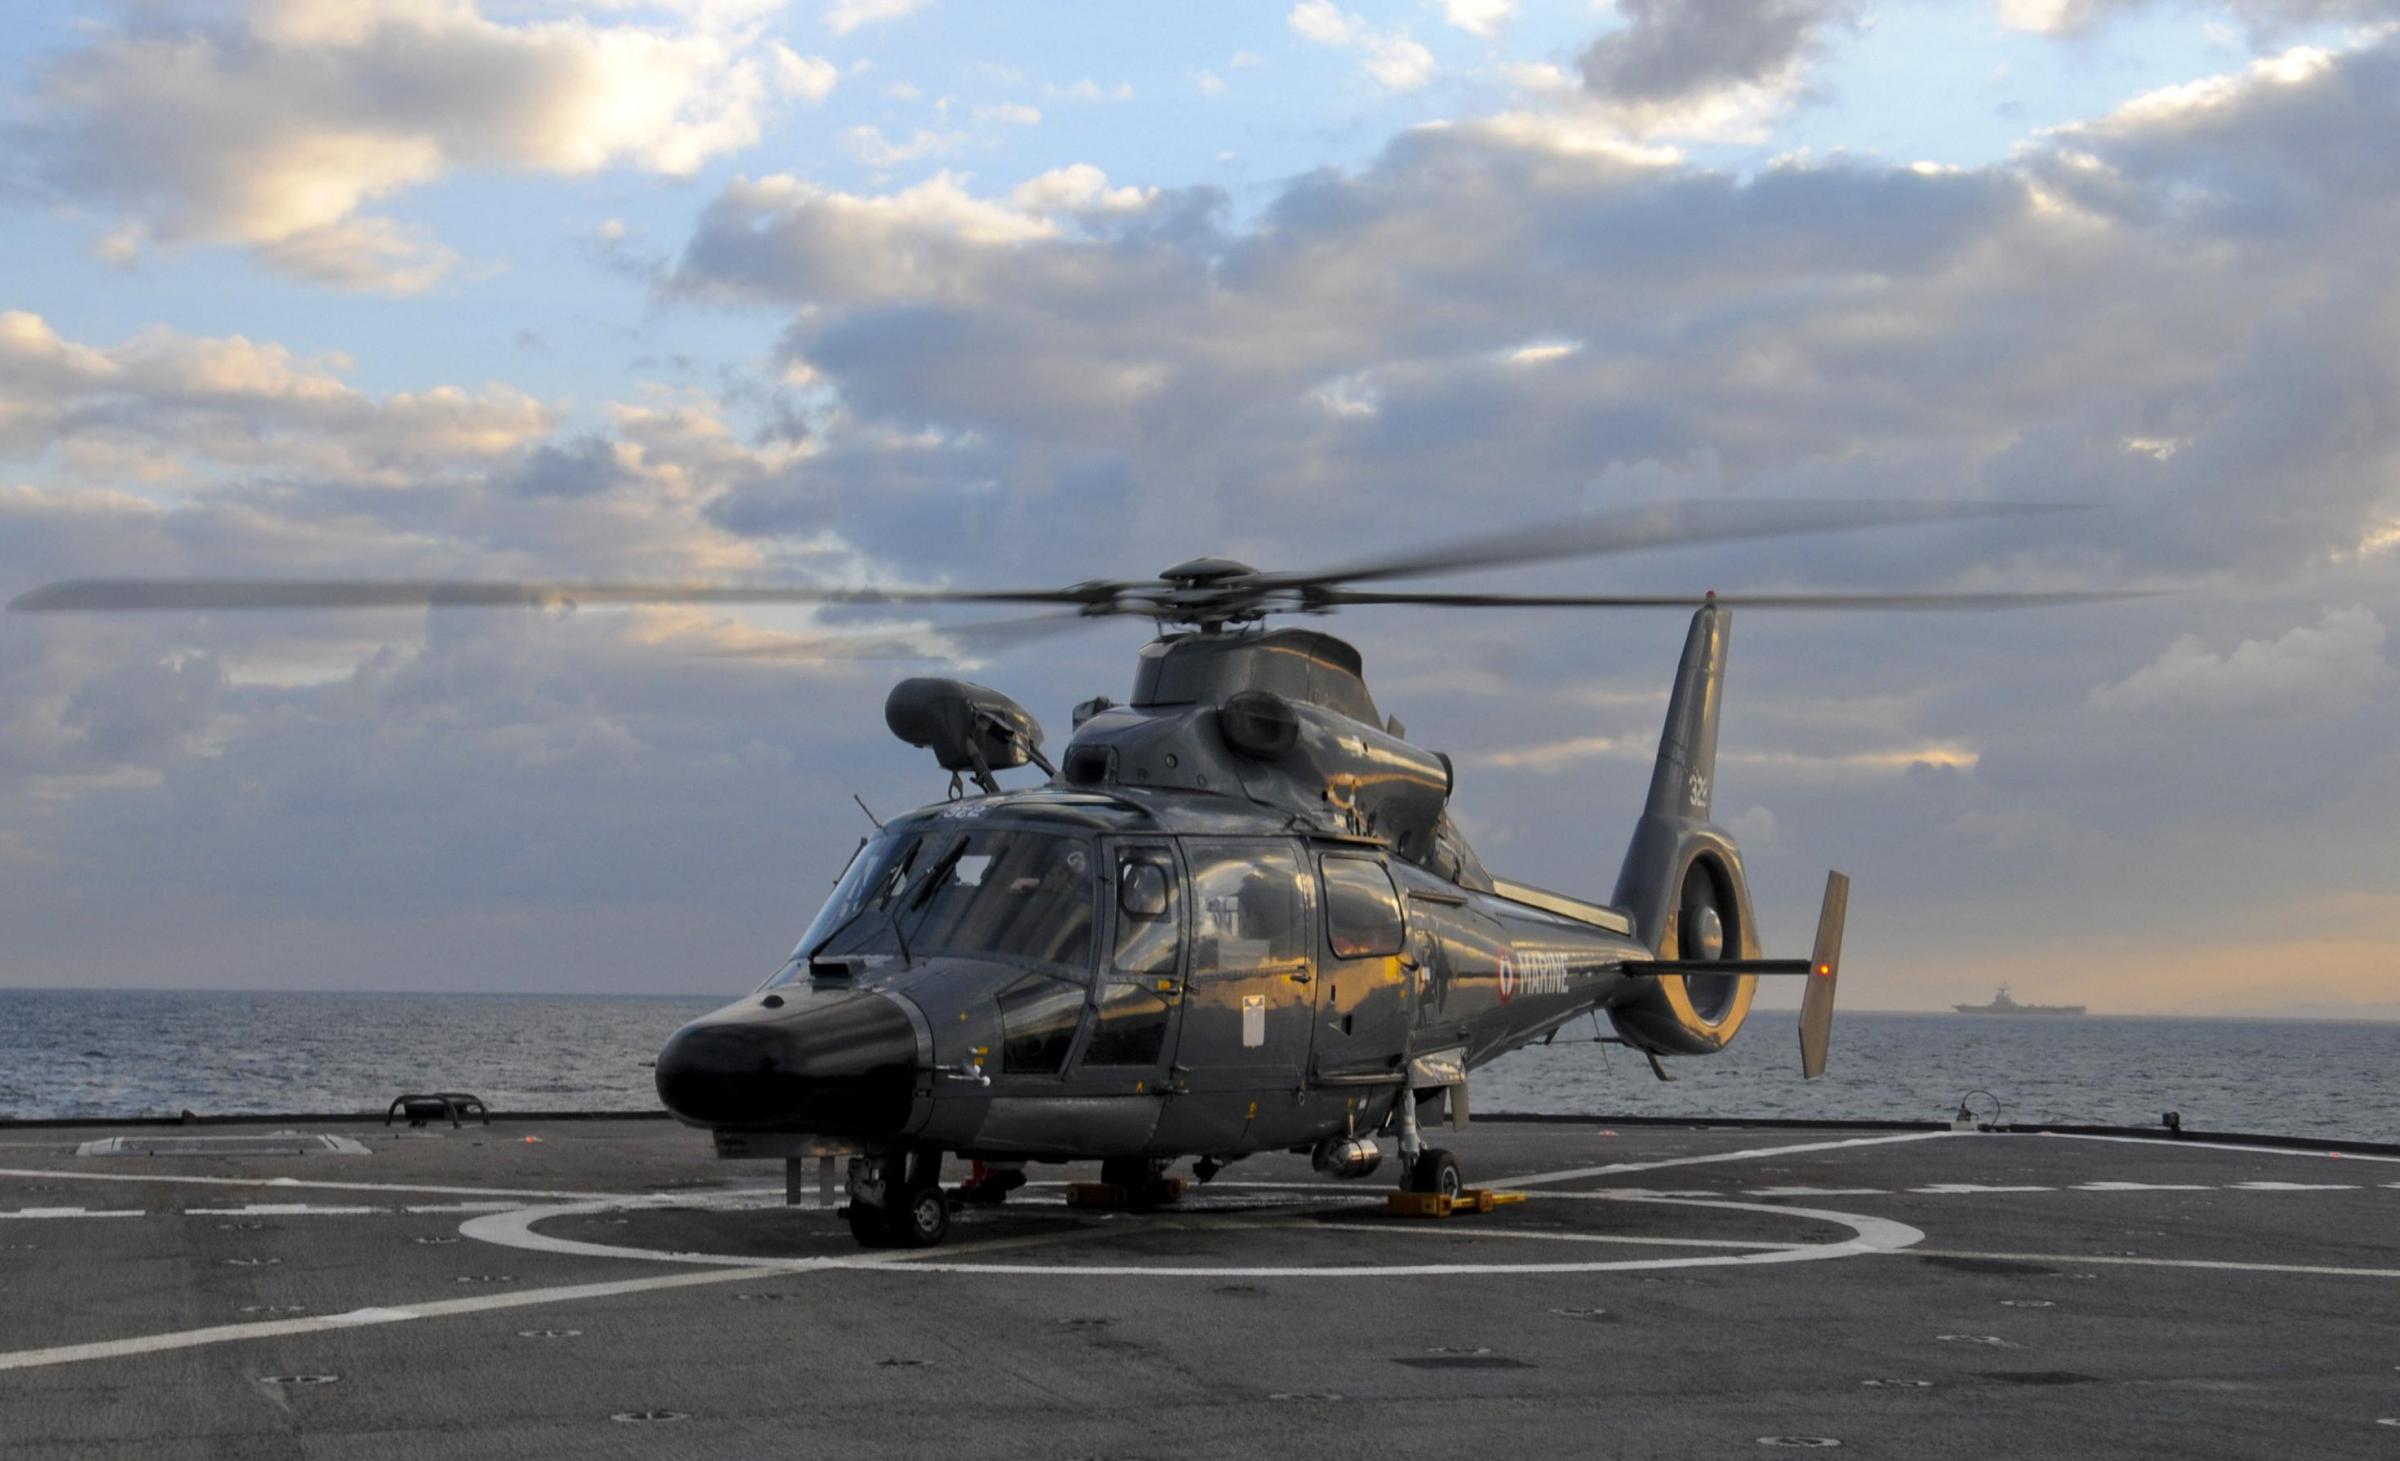 Elicottero Quarto : Florida precipita elicottero morti militari